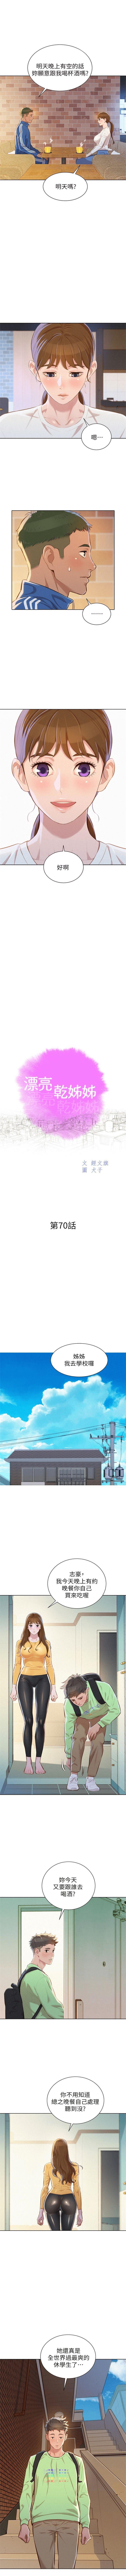 (週7)漂亮幹姐姐  1-92 中文翻譯 (更新中) 380